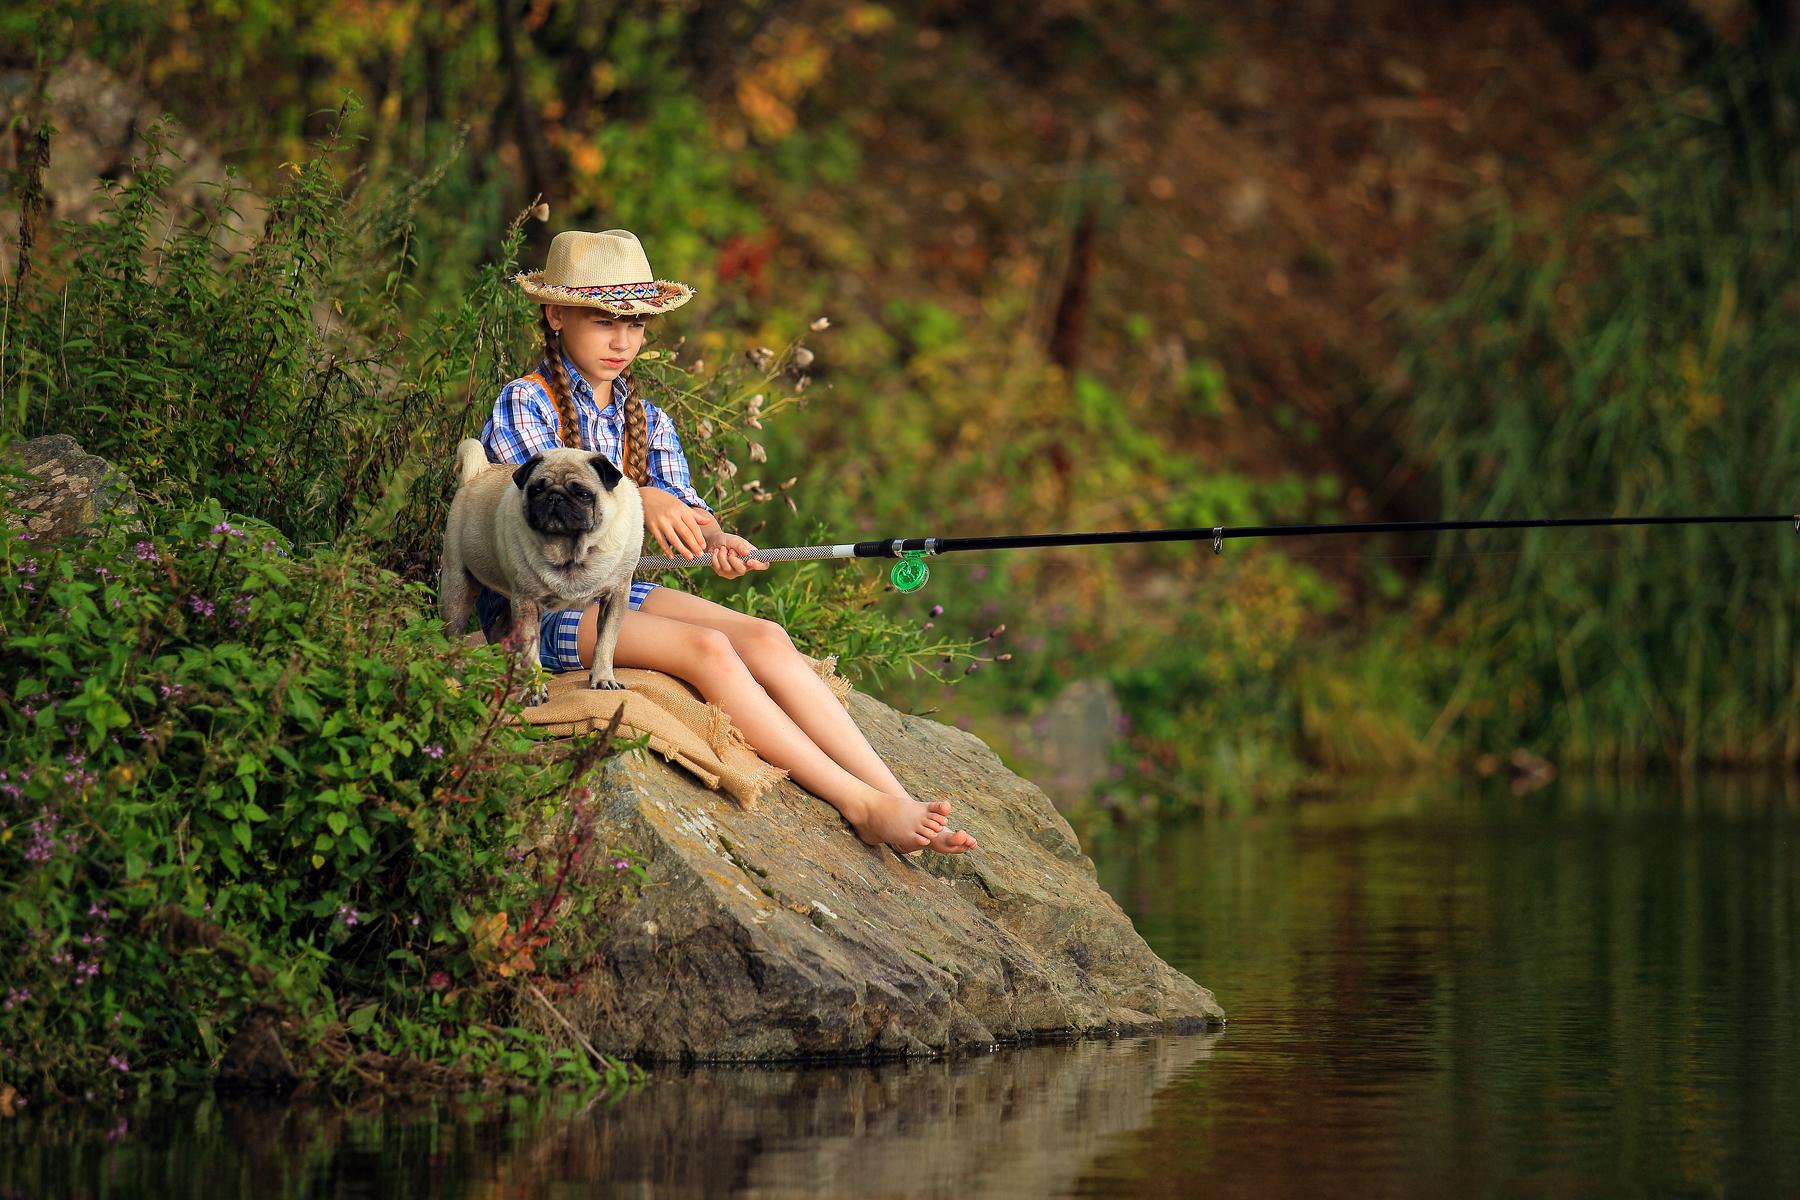 Про рыбалку | фотограф Бондаренко Георгий